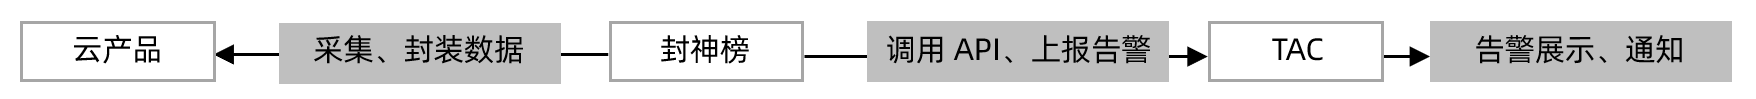 图1:封神榜告警接入方案.png